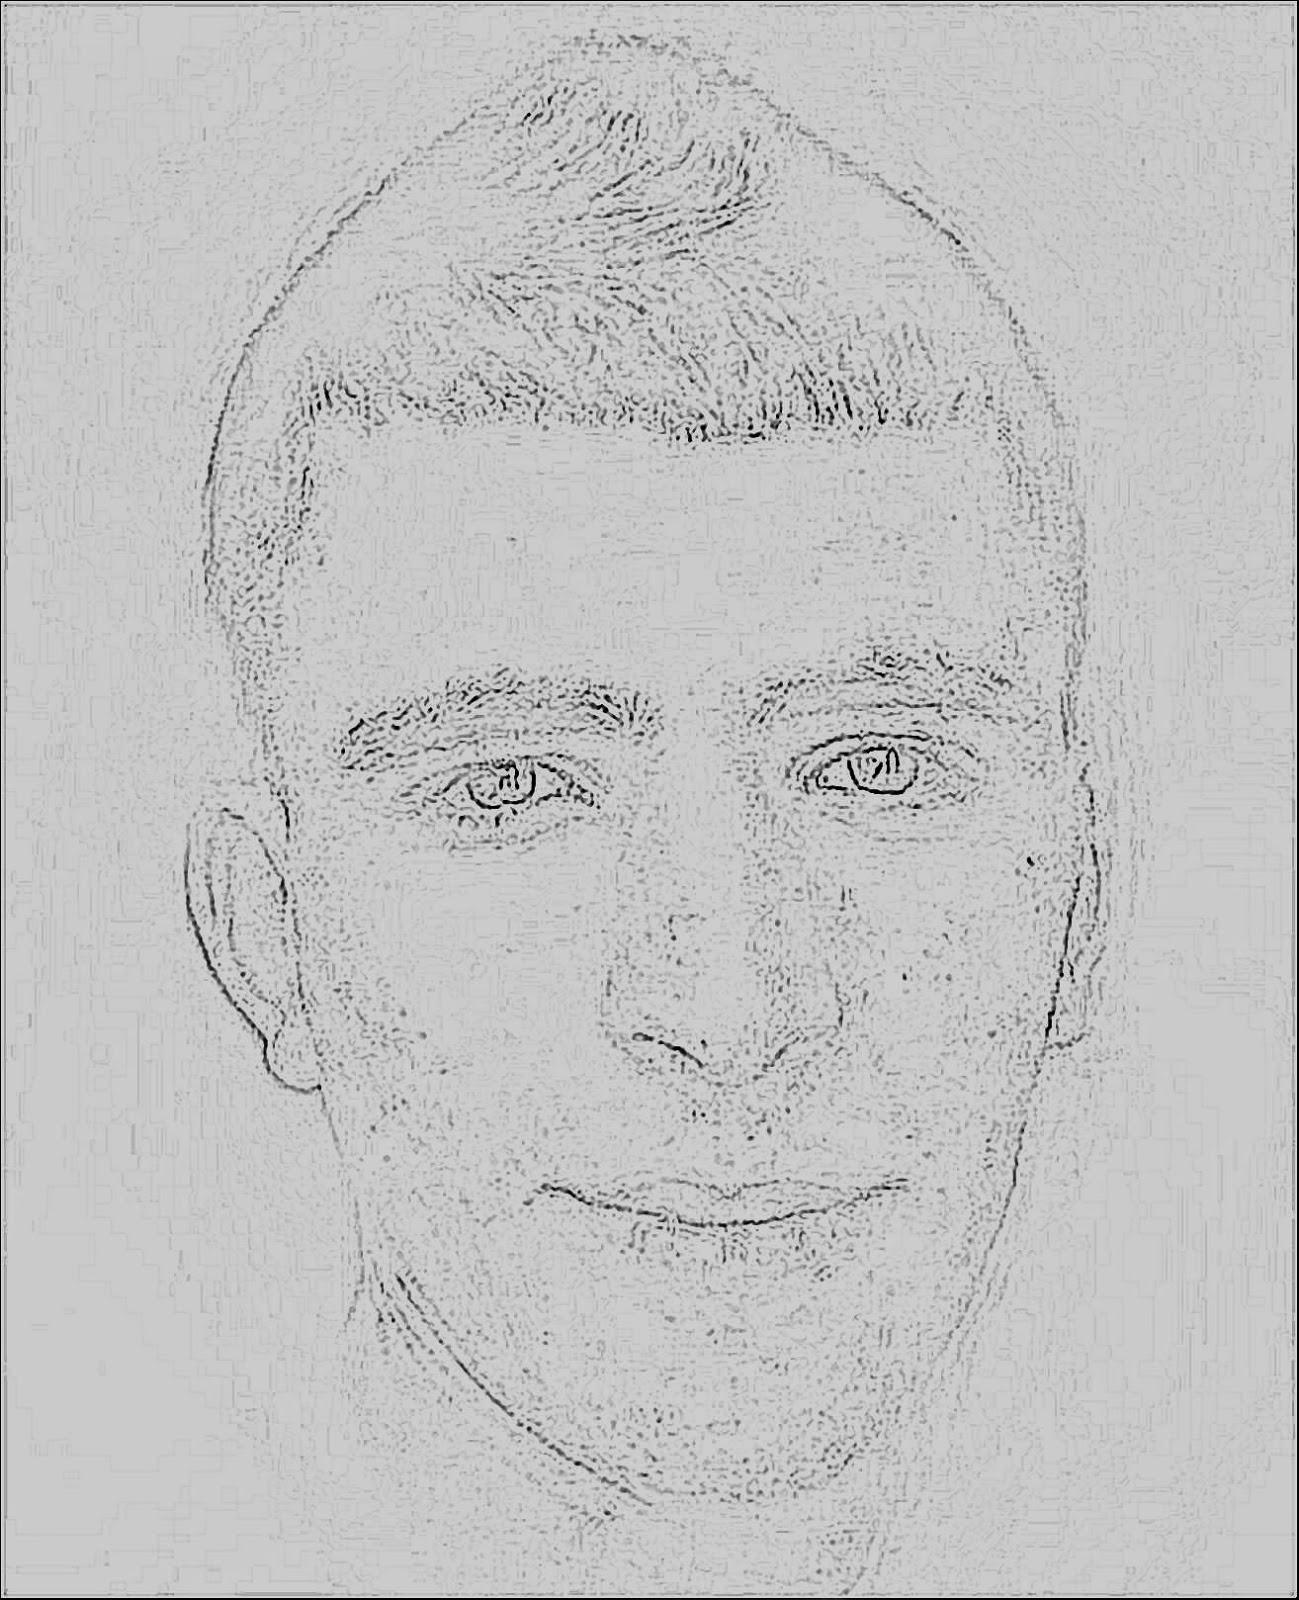 بالصور صور مرسومة بالقلم الرصاص , رسومات بقلم رصاص 12835 2